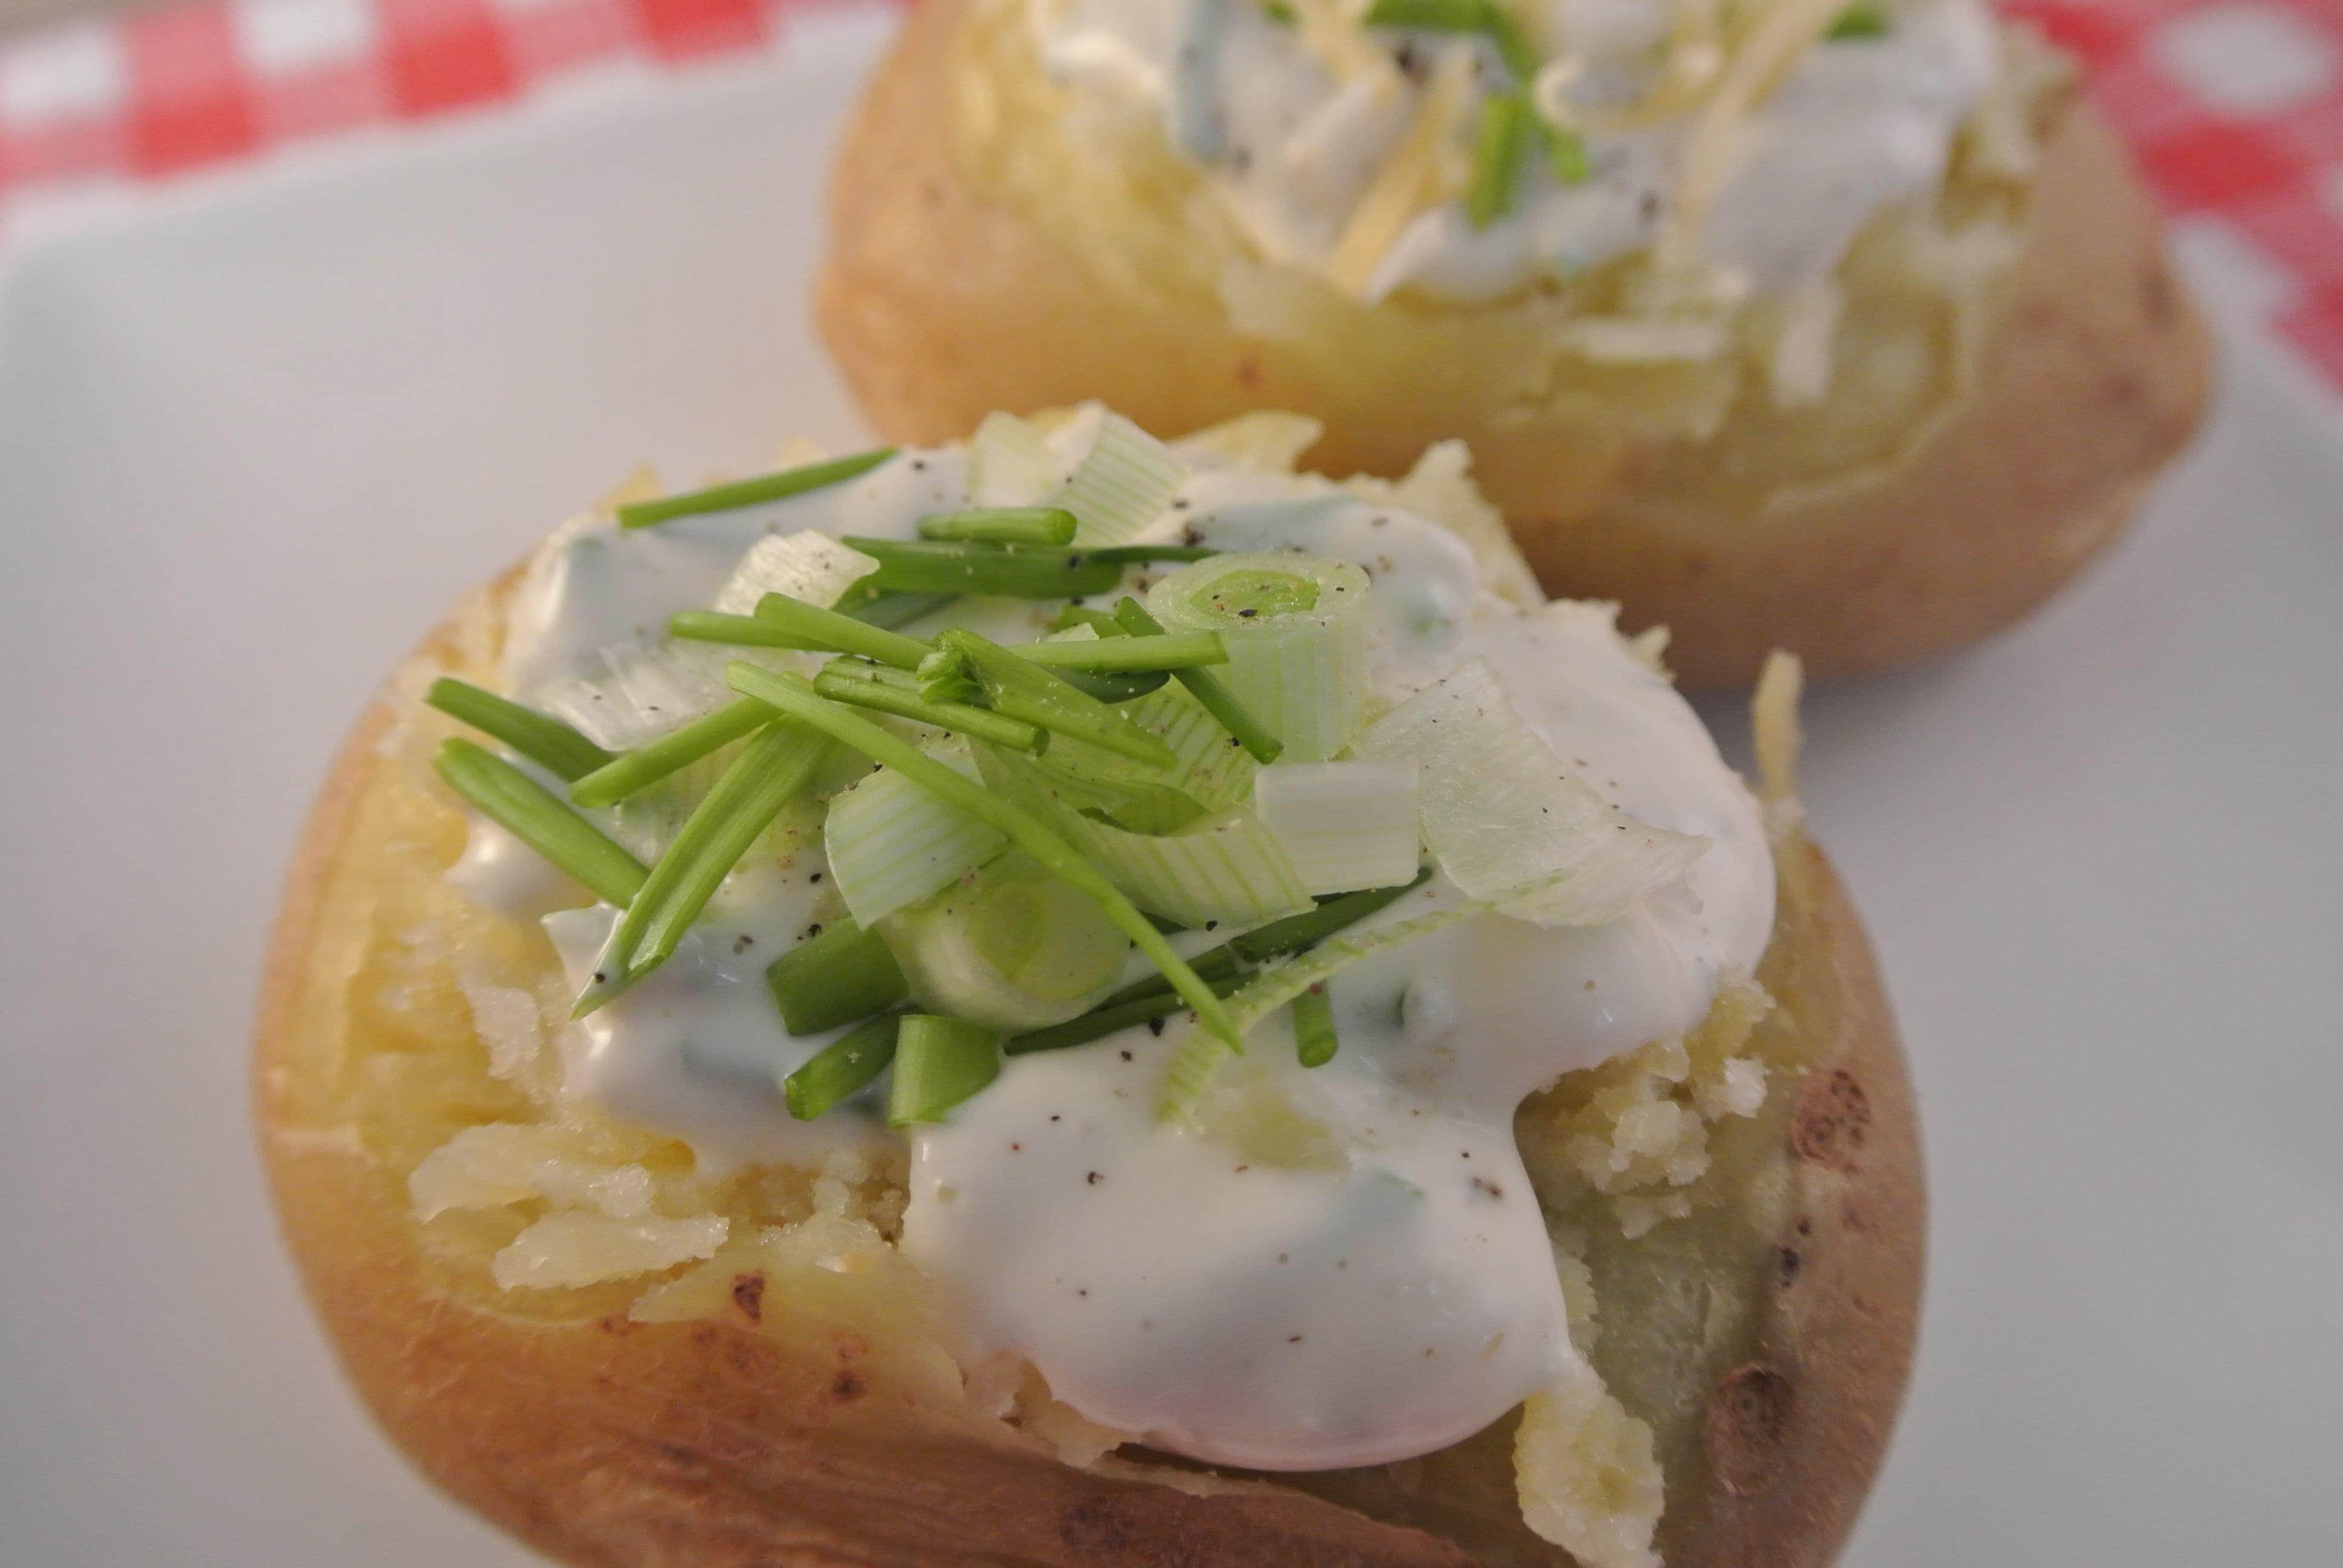 Gepofte aardappel met een fris sausje